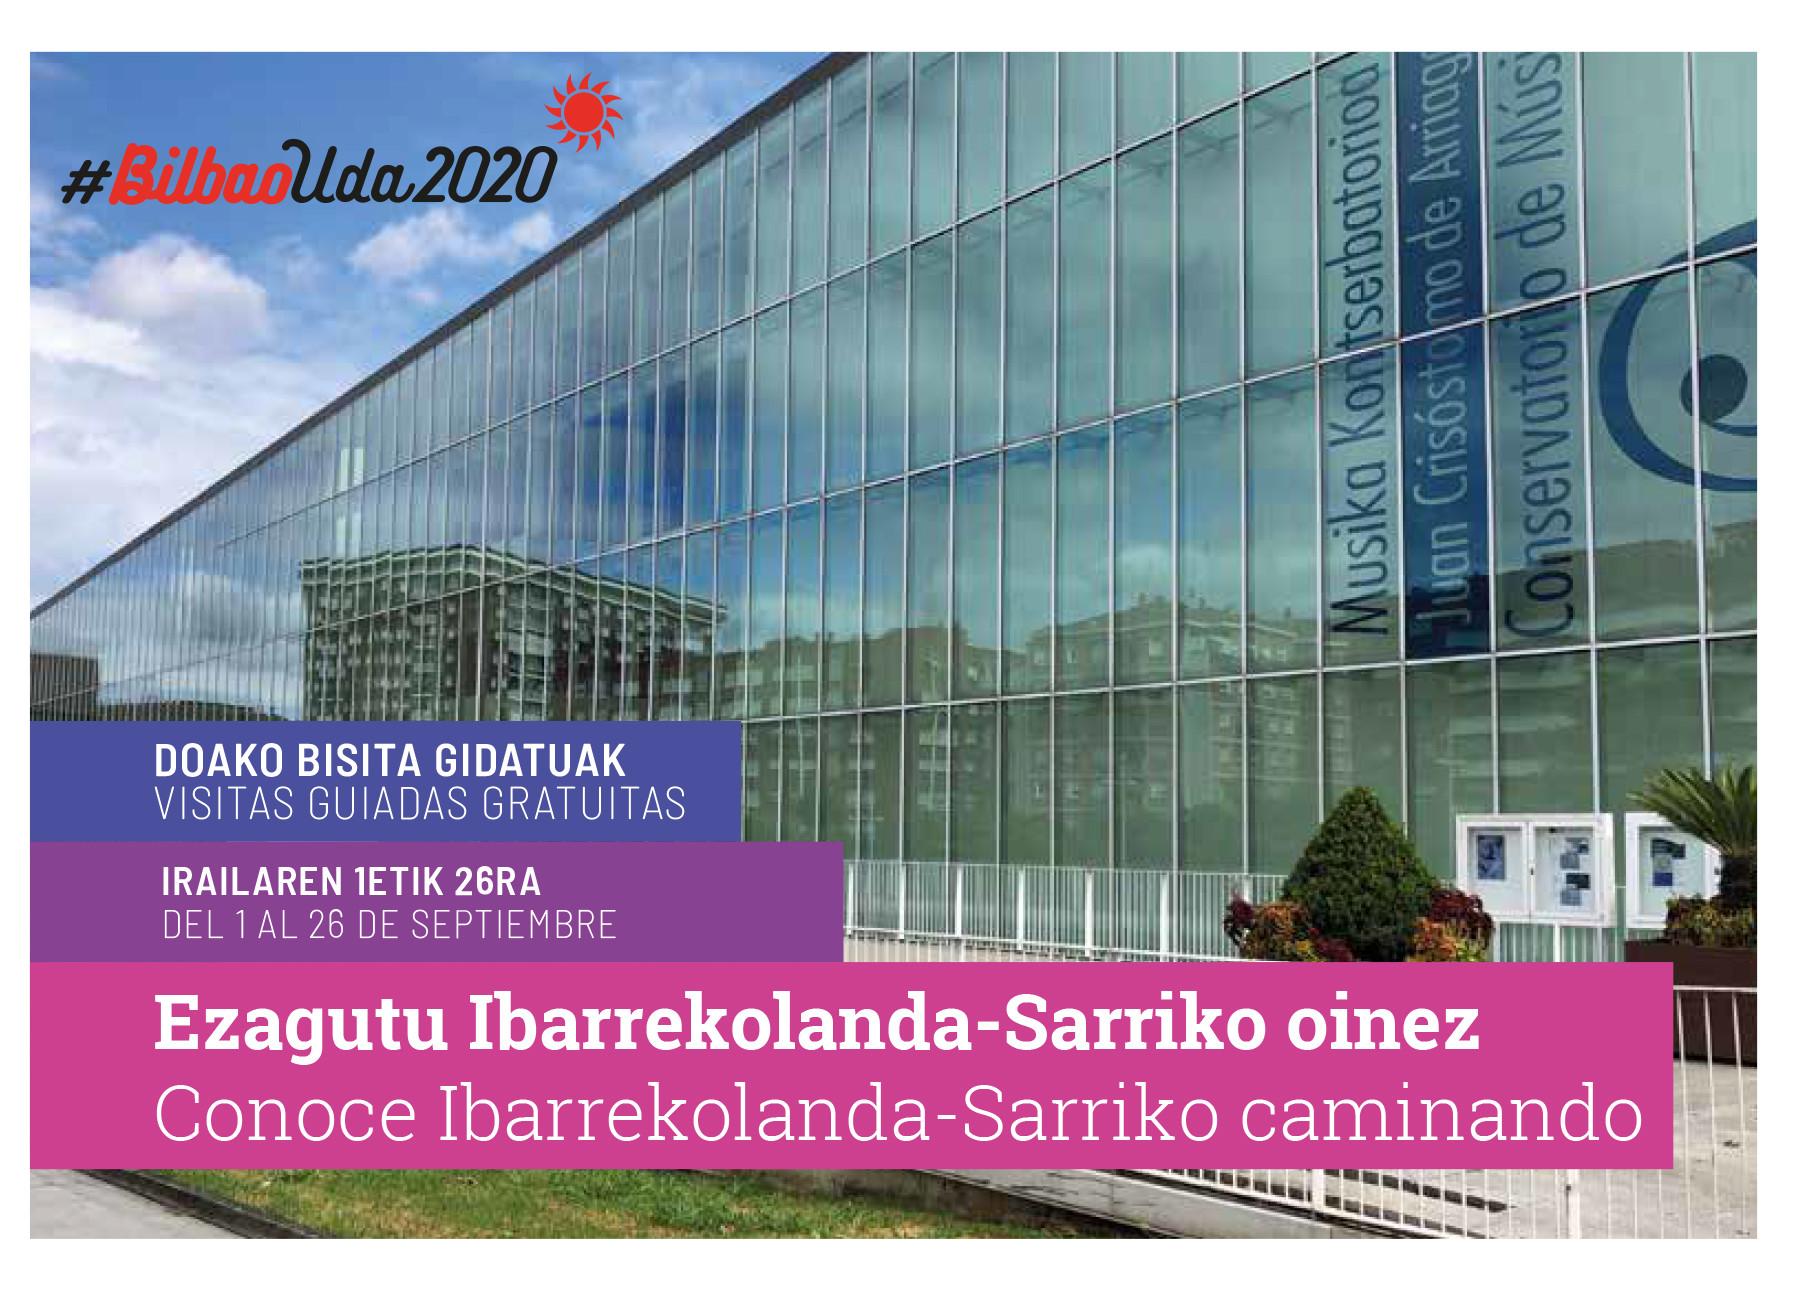 CONOCE IBARREKOLANDA + SARRIKO CAMINANDO - SEPTIEMBRE